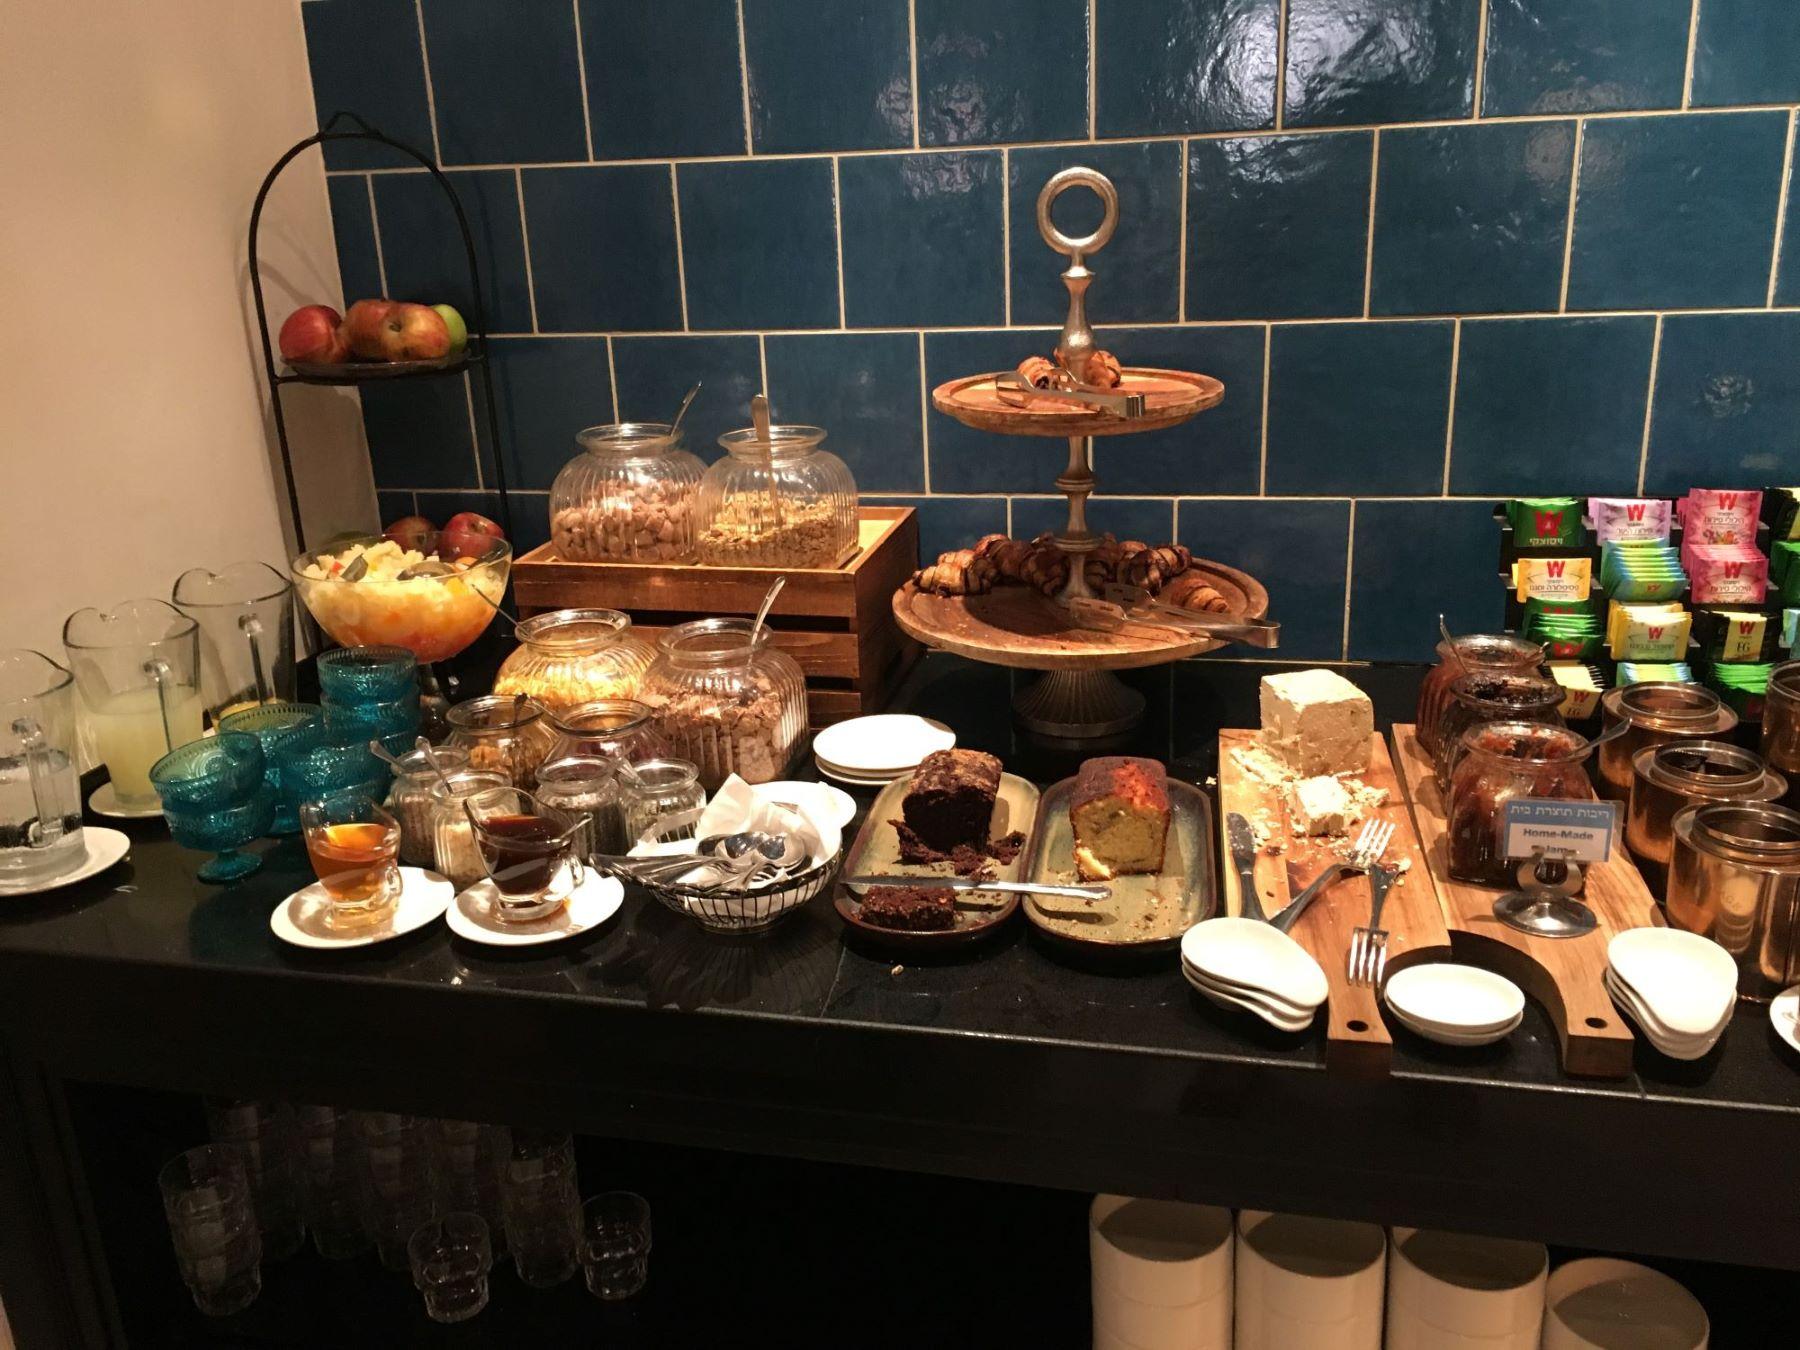 Hotel breakfast at Bay Club Hotel